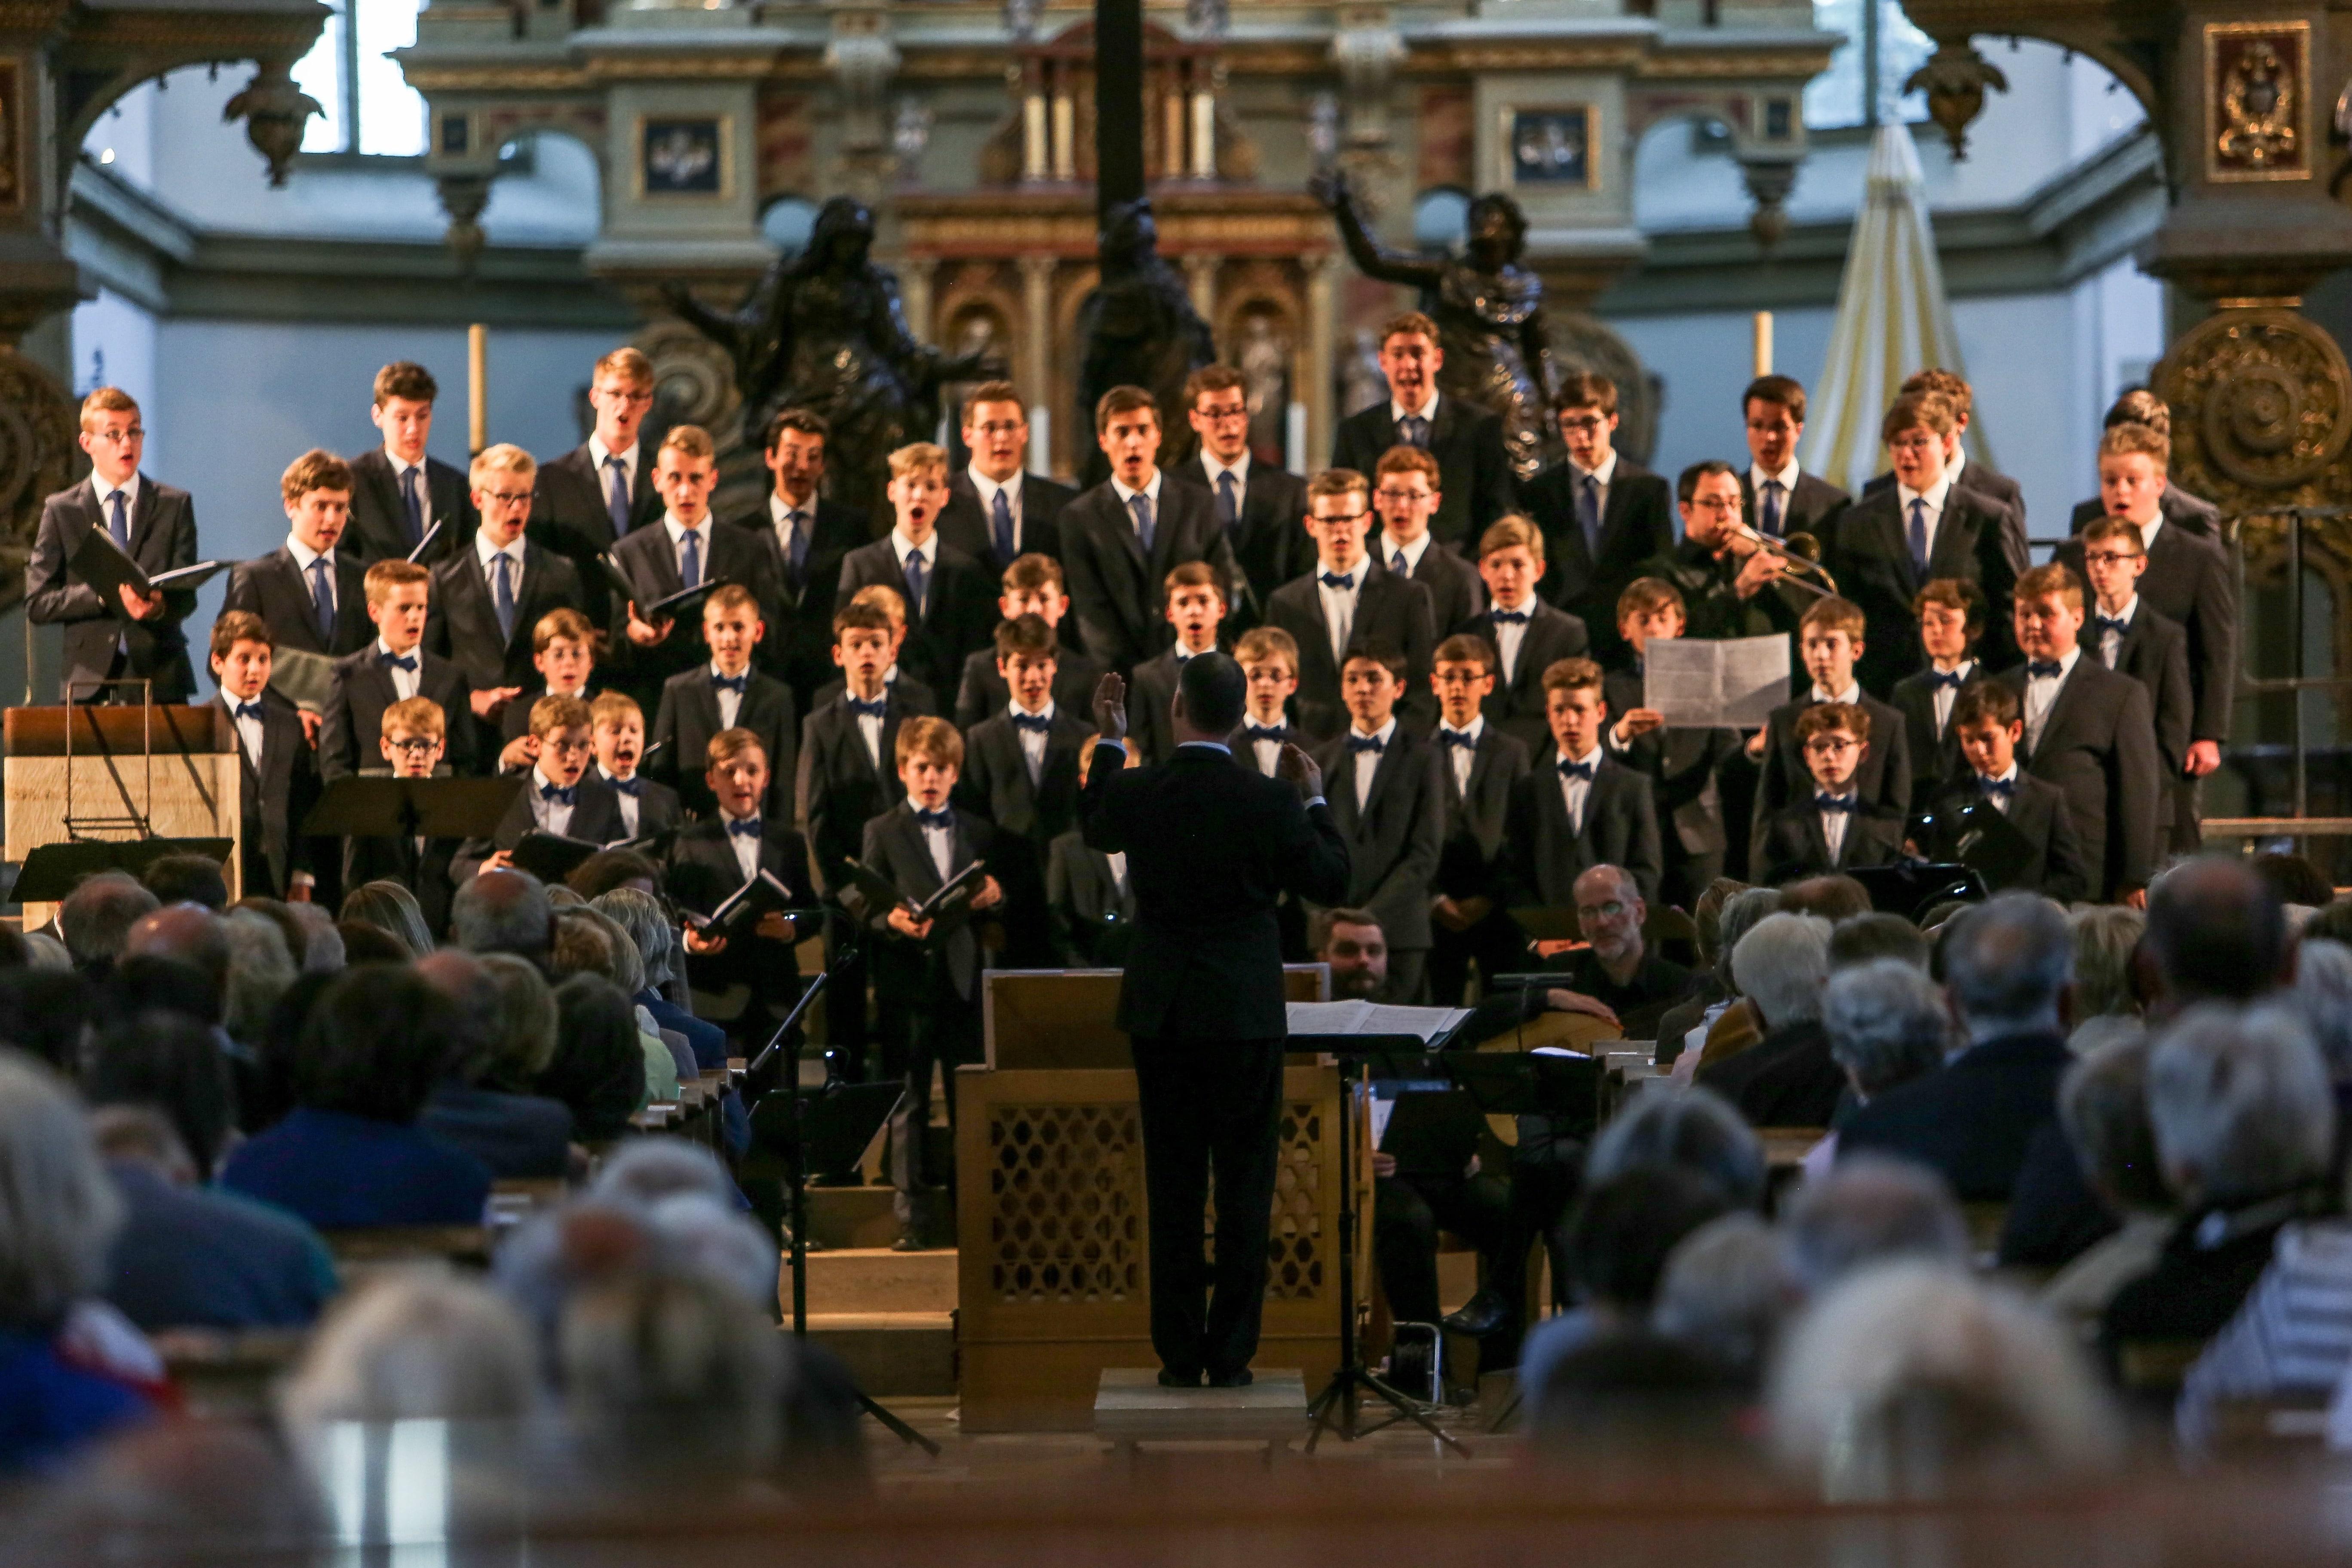 Mozartfest: Windsbacher Knabenchor unter der Leitung von Martin Lehmann. Foto (c) Christian Menkel